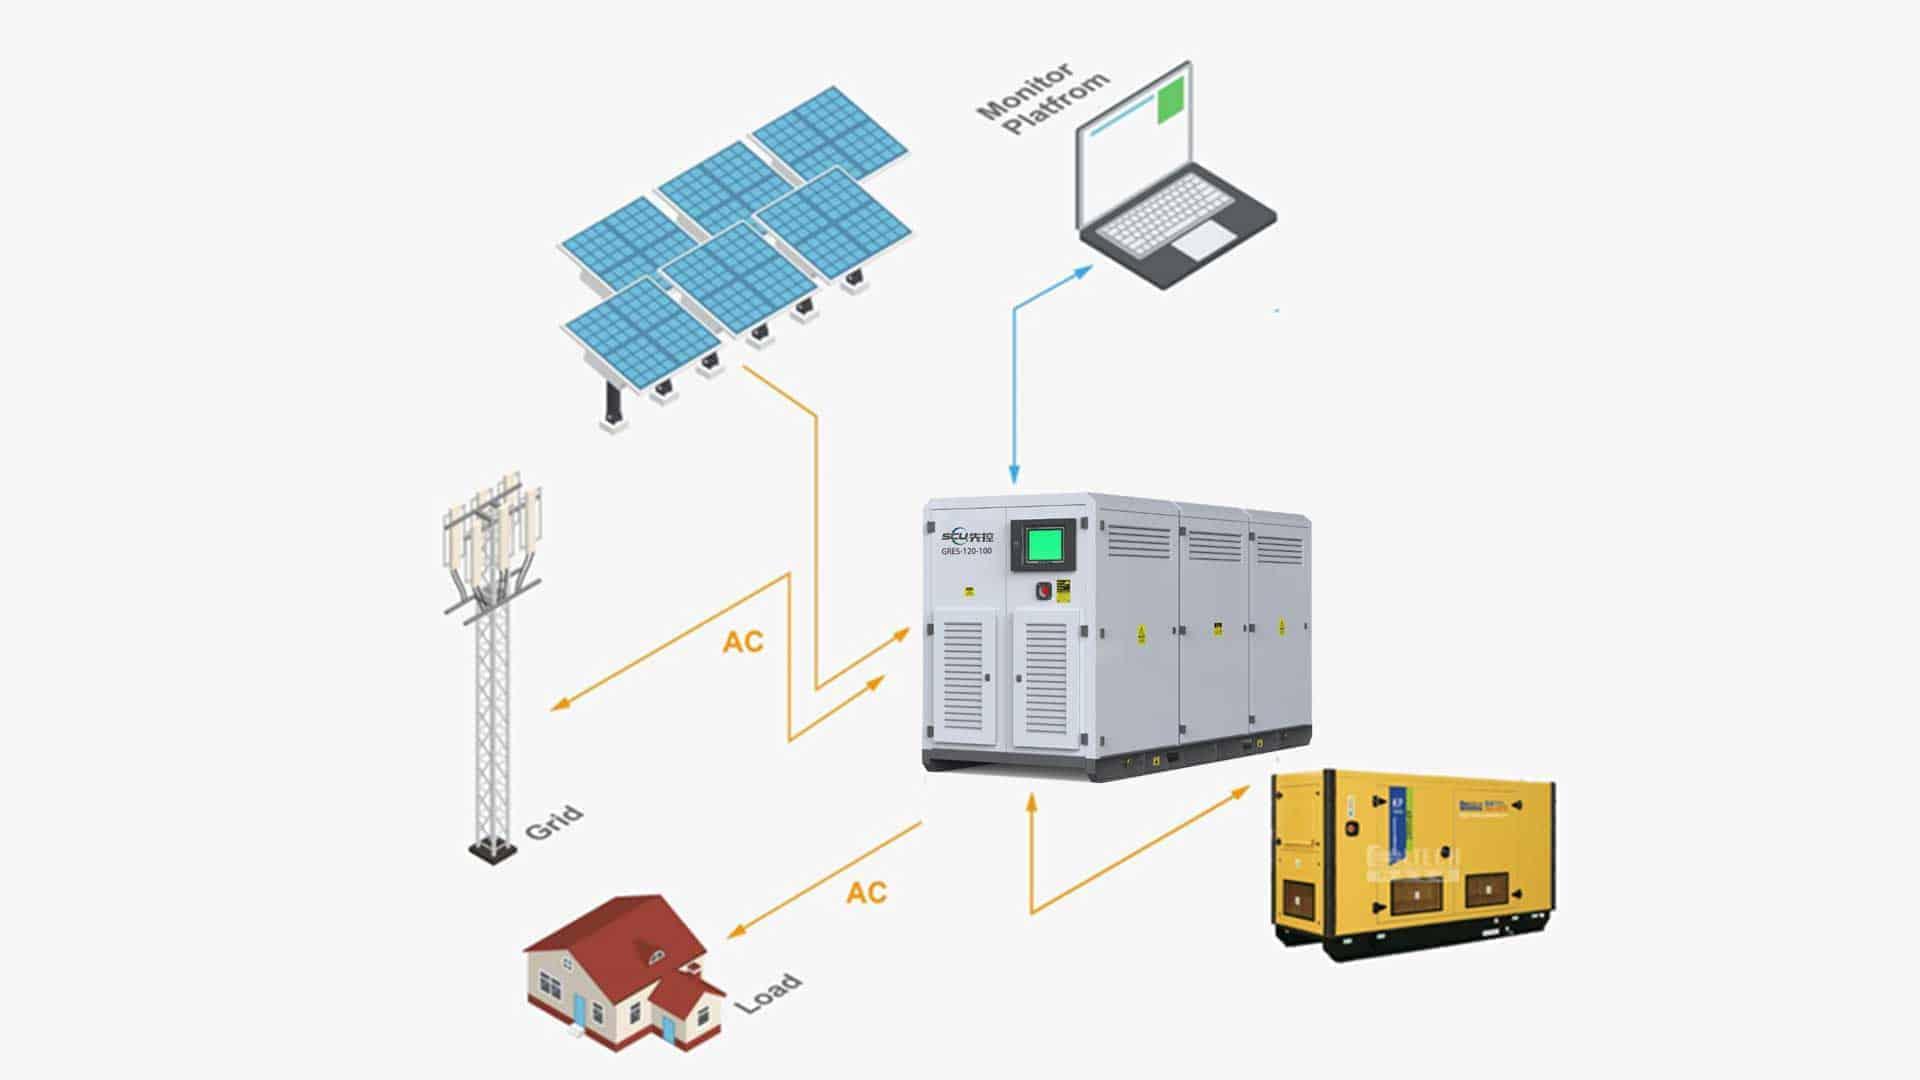 scu energy storage system